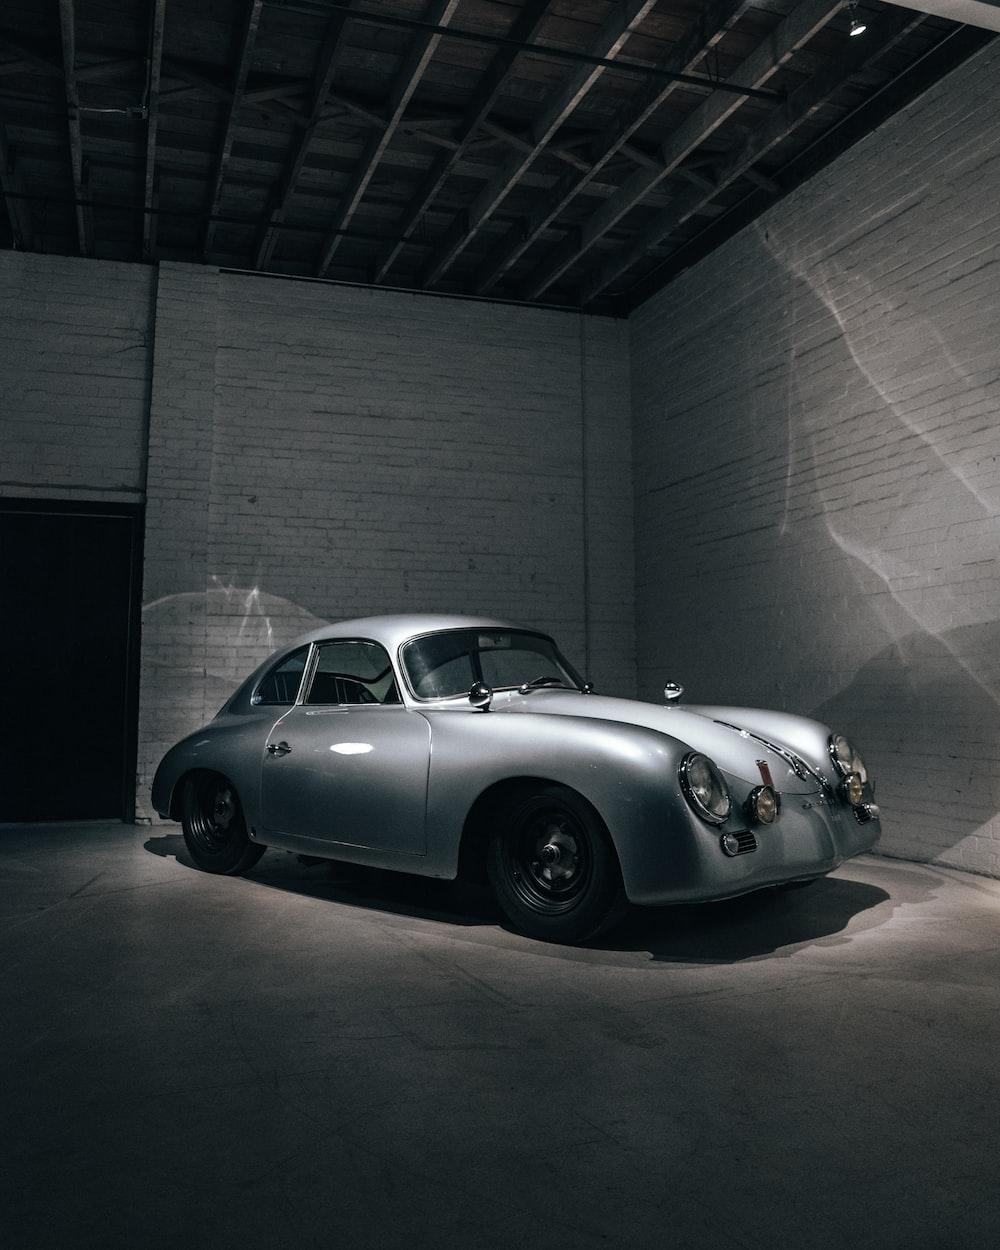 grey car close-up photography